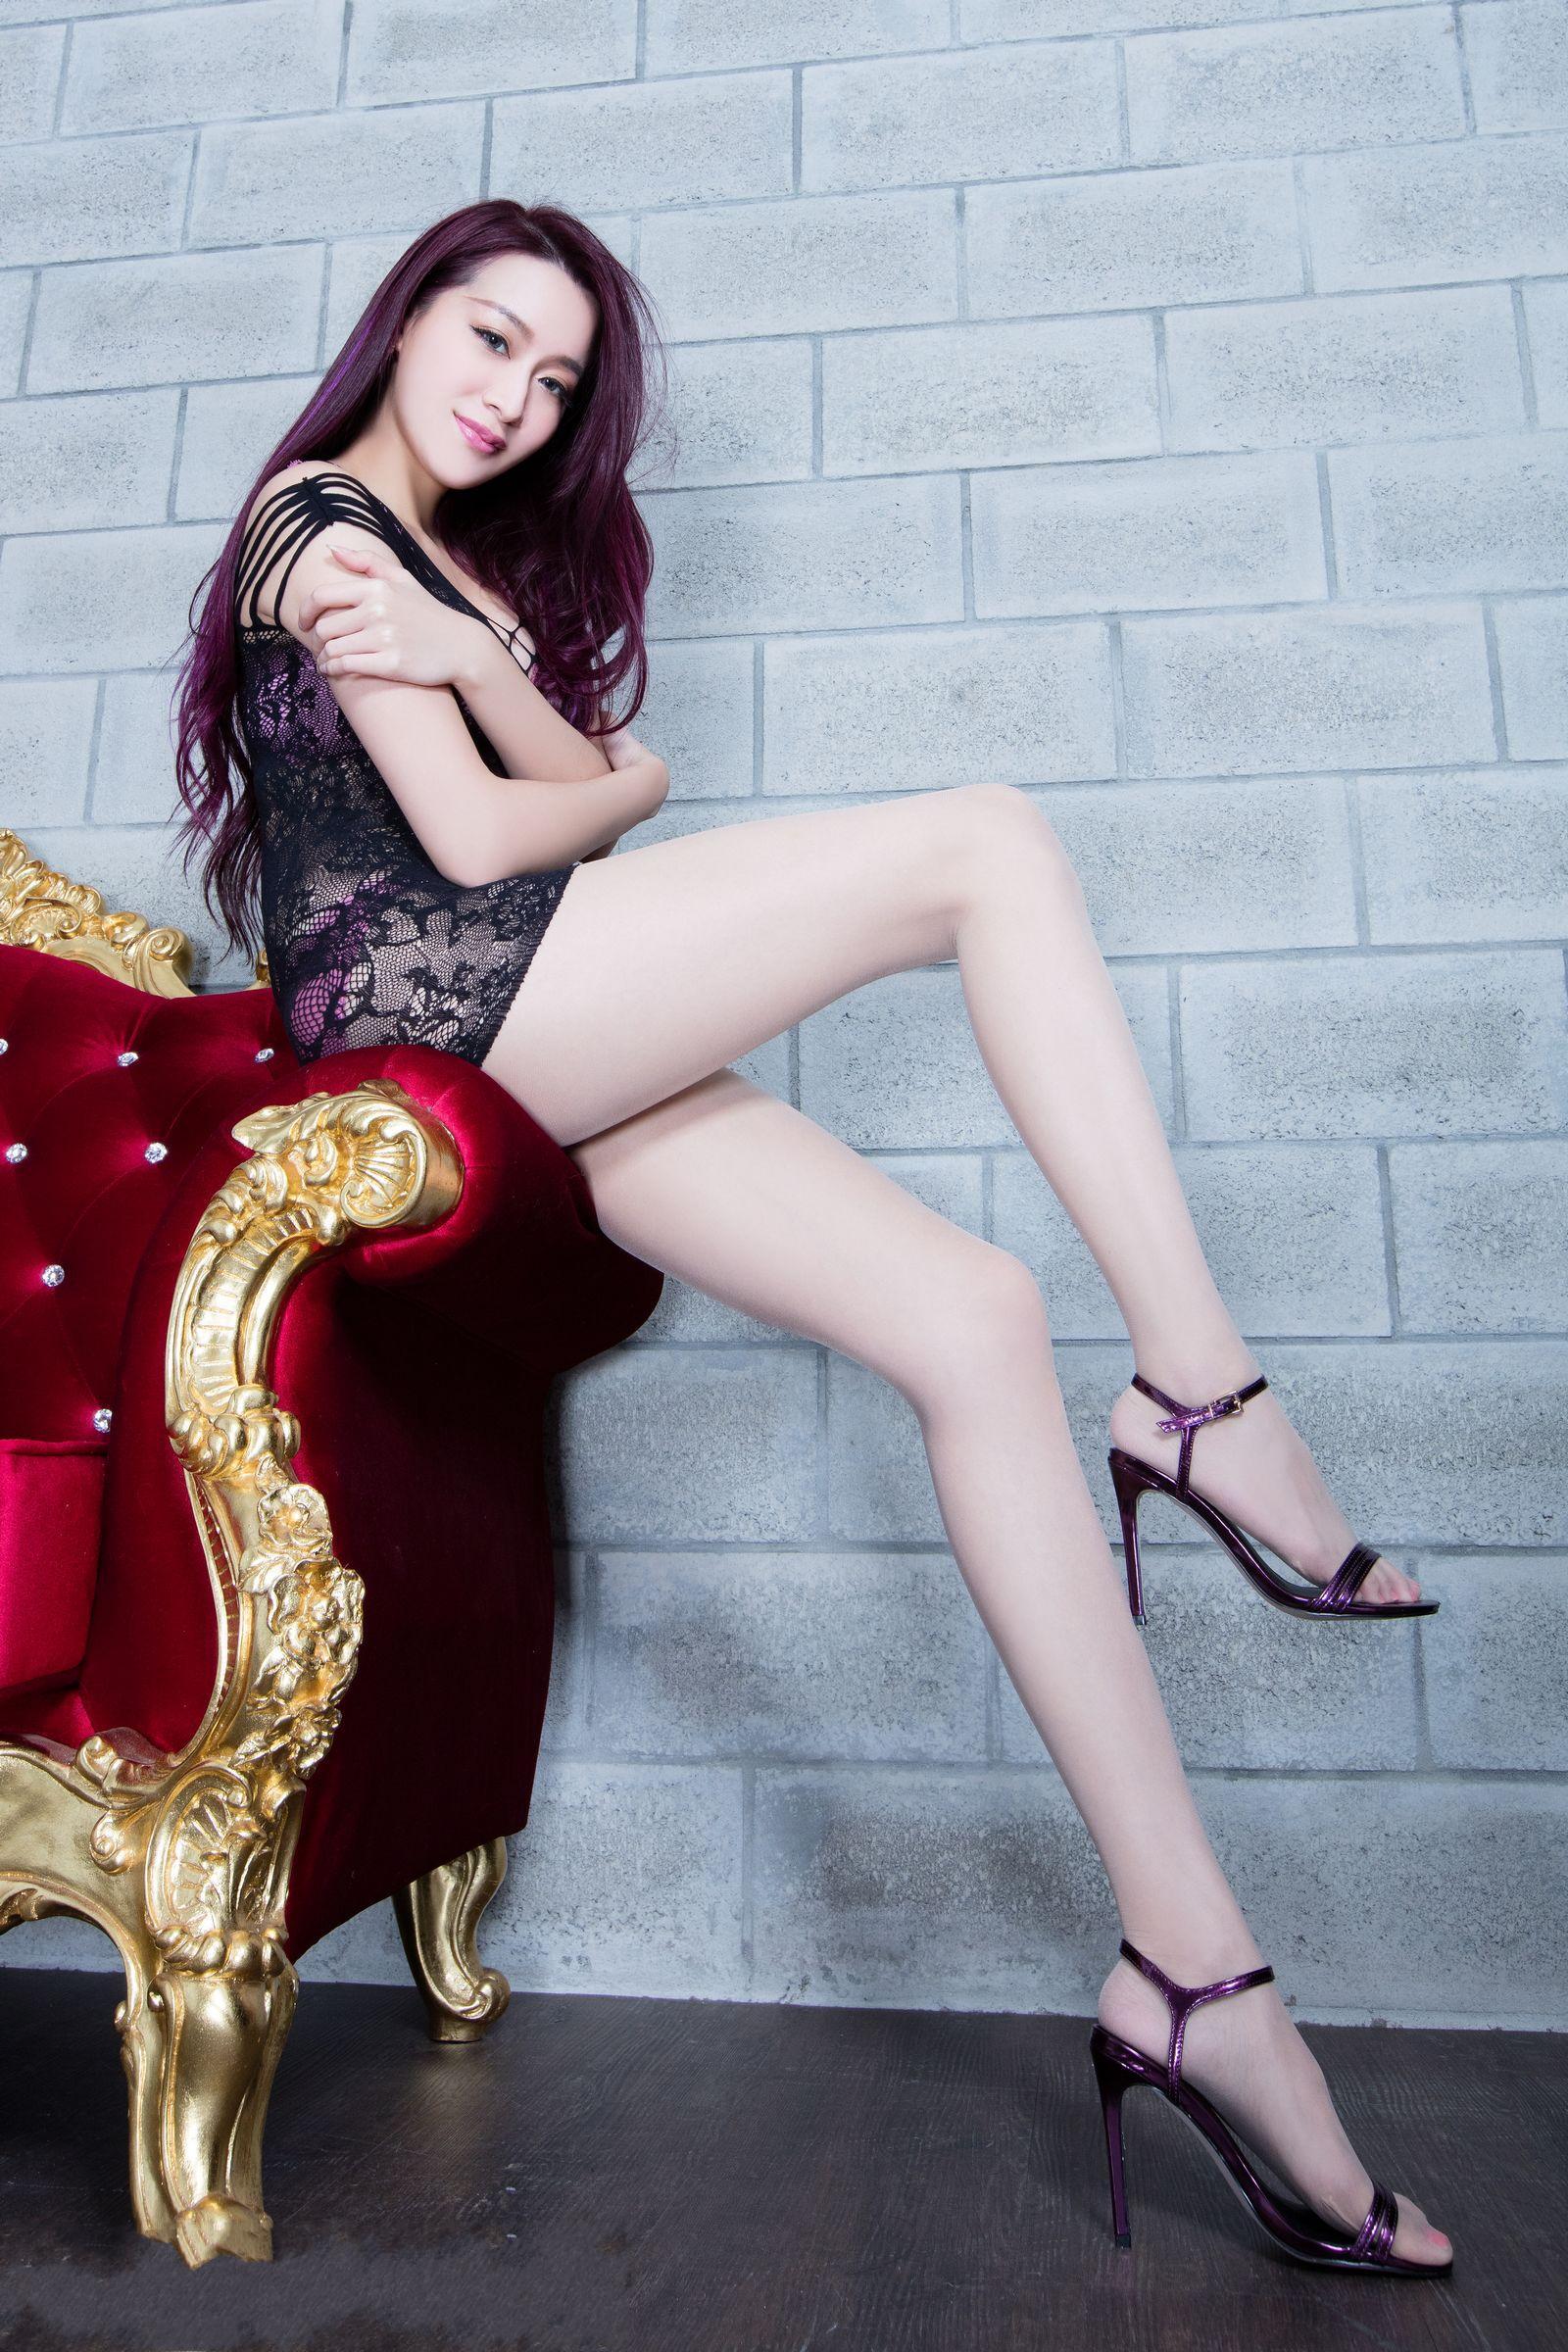 丽柜美模美腿秀14 - 花開有聲 - 花開有聲